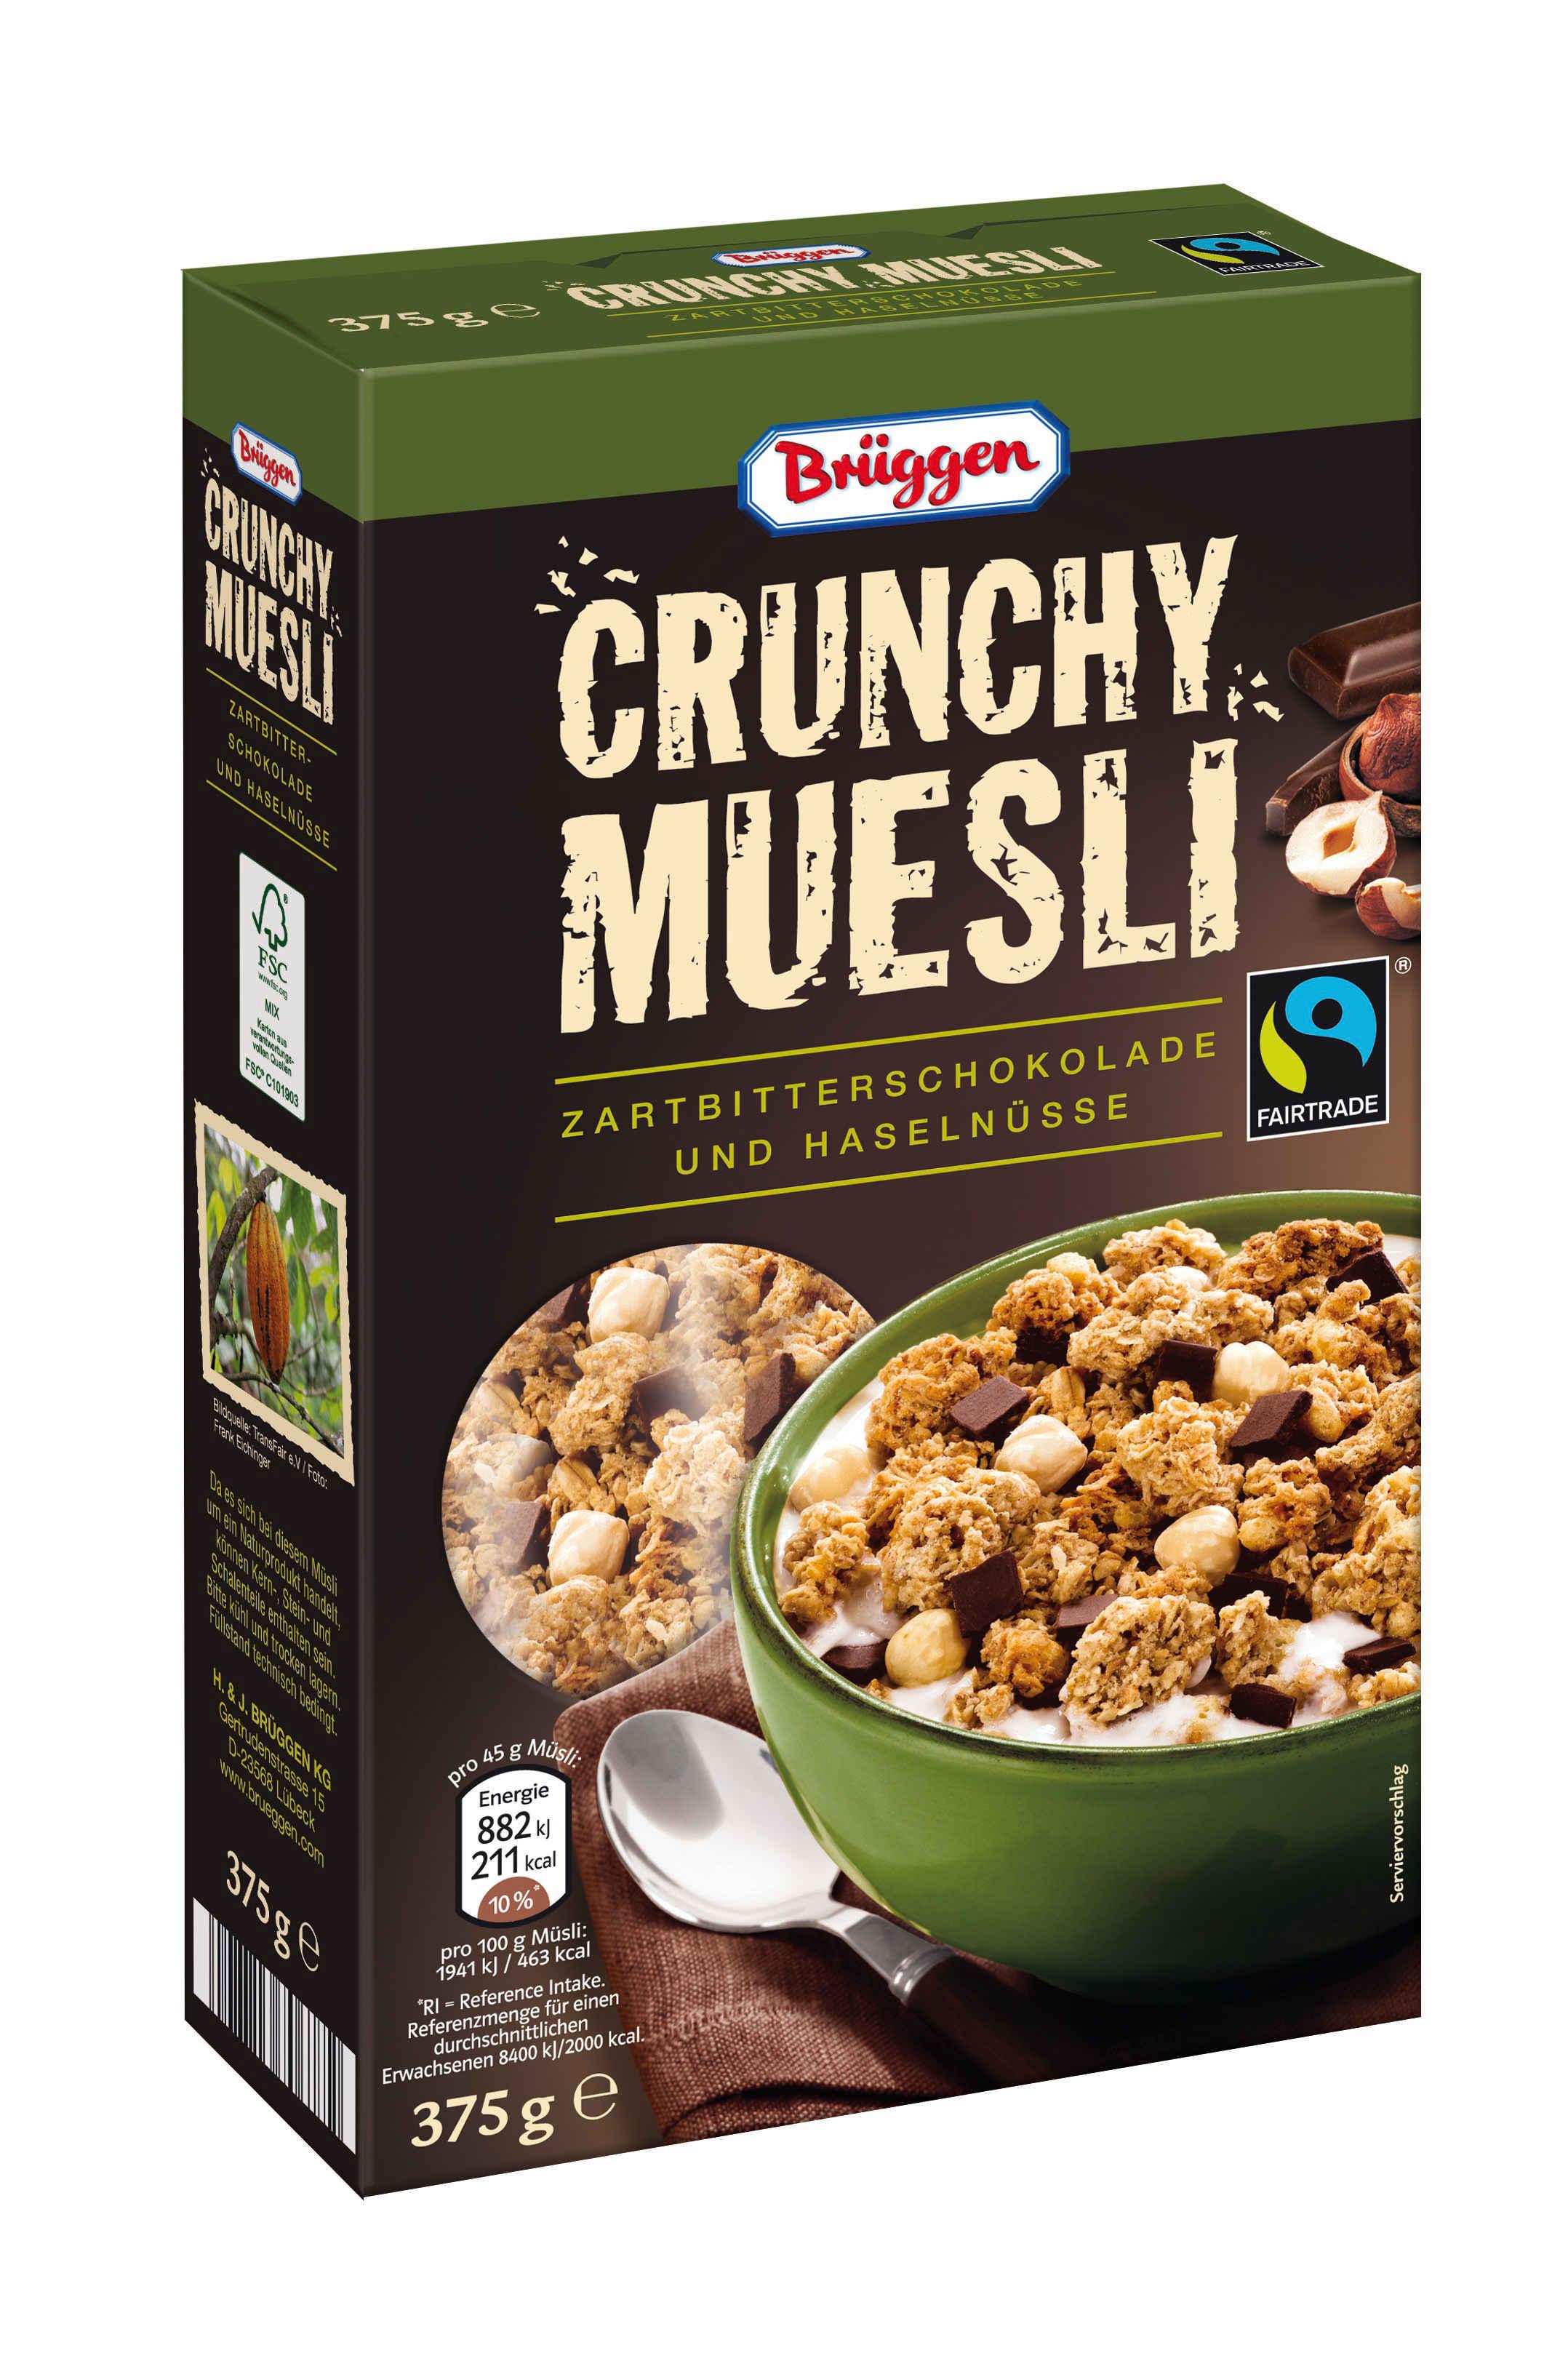 Crunchy Müsli Zartbitterschokolade und Haselnüsse (Brüggen)